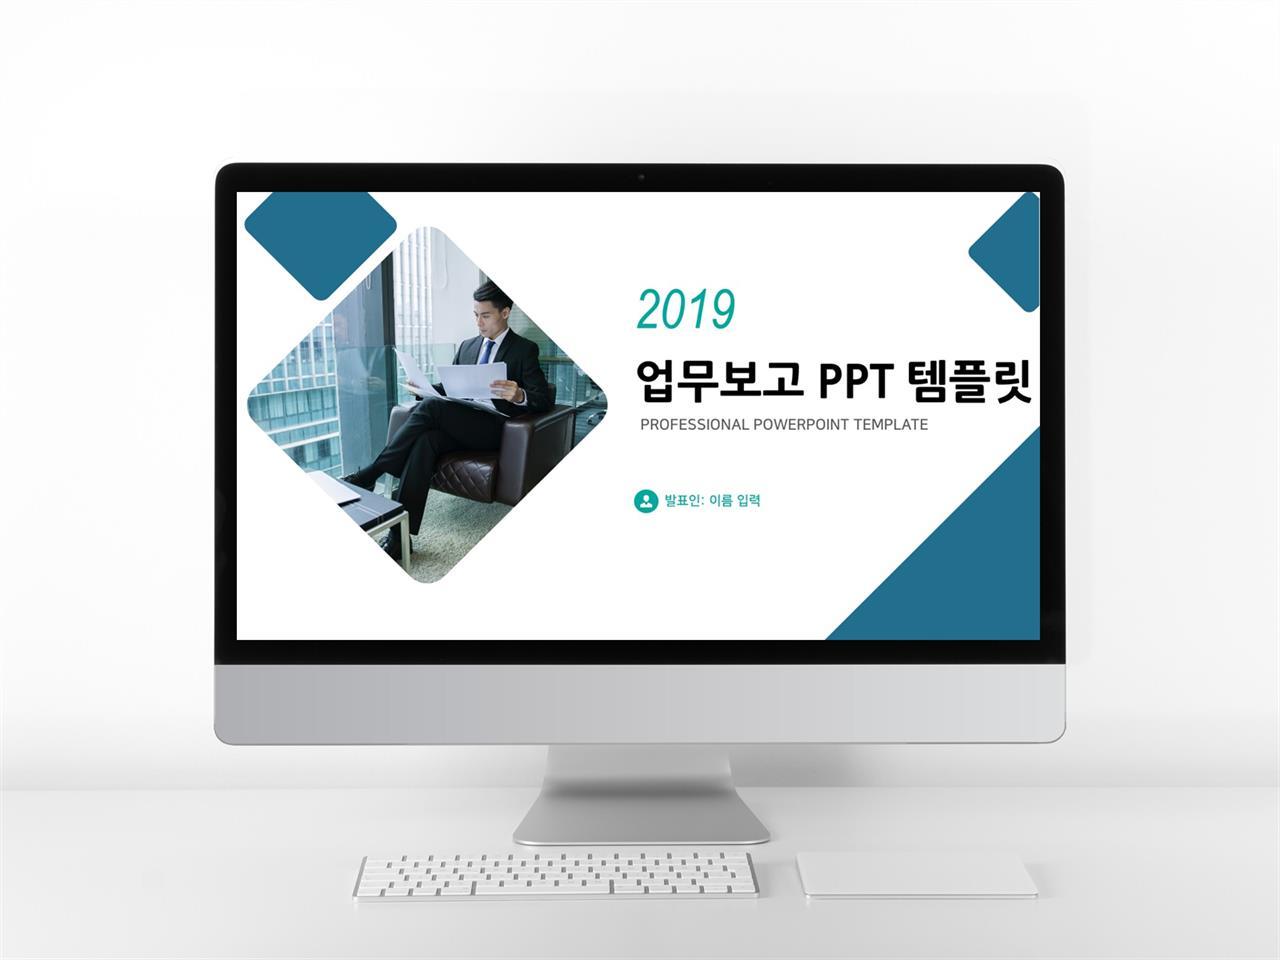 업무일지 녹색 단순한 프로급 POWERPOINT서식 사이트 미리보기